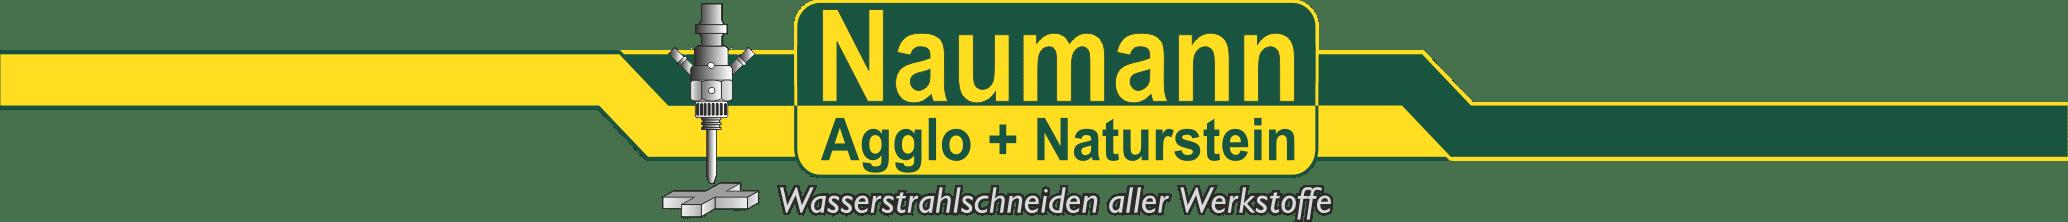 Naumann Natursteine